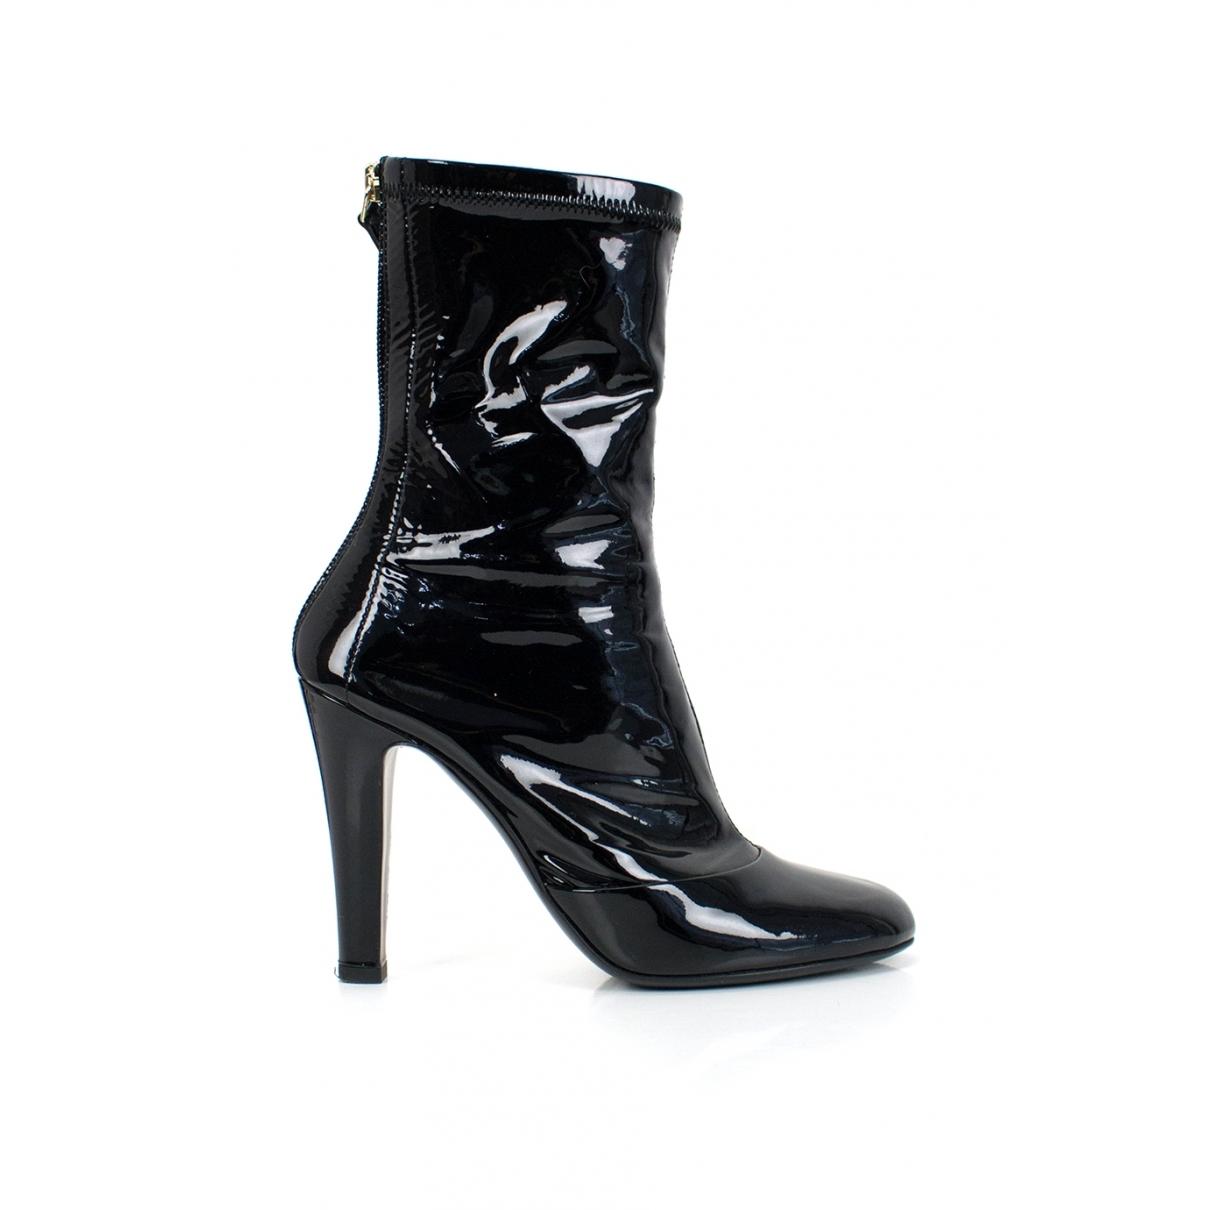 Chanel - Bottes   pour femme en cuir verni - noir